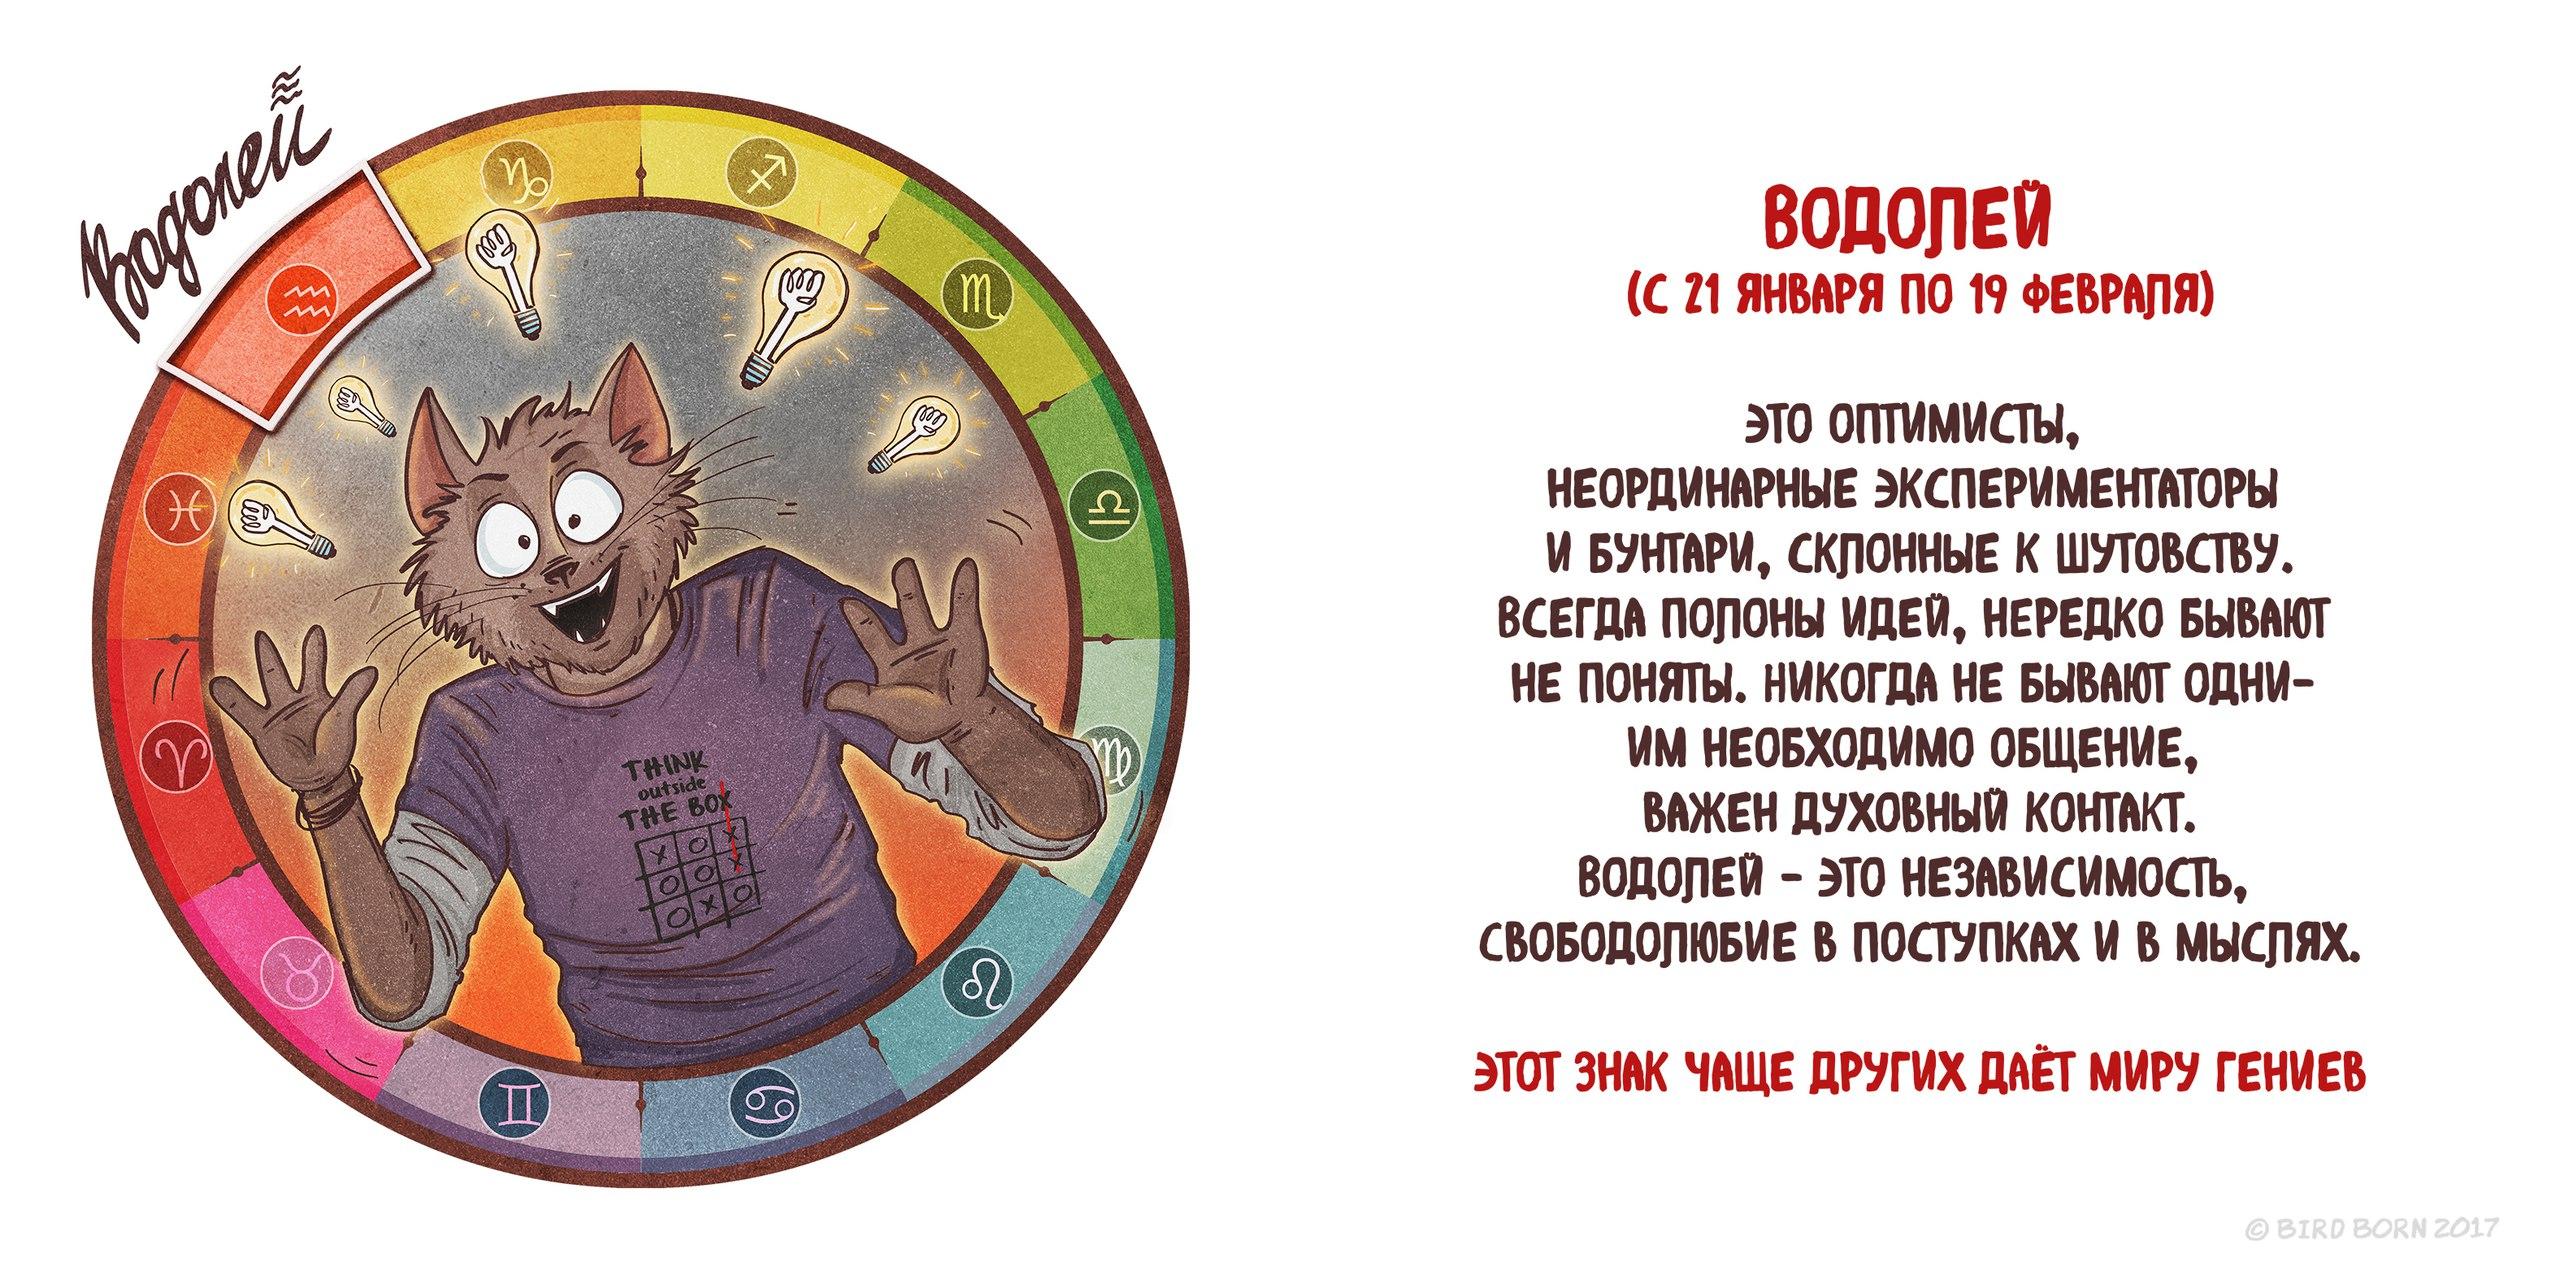 Гороскопы в картинках по знакам зодиака прикольные